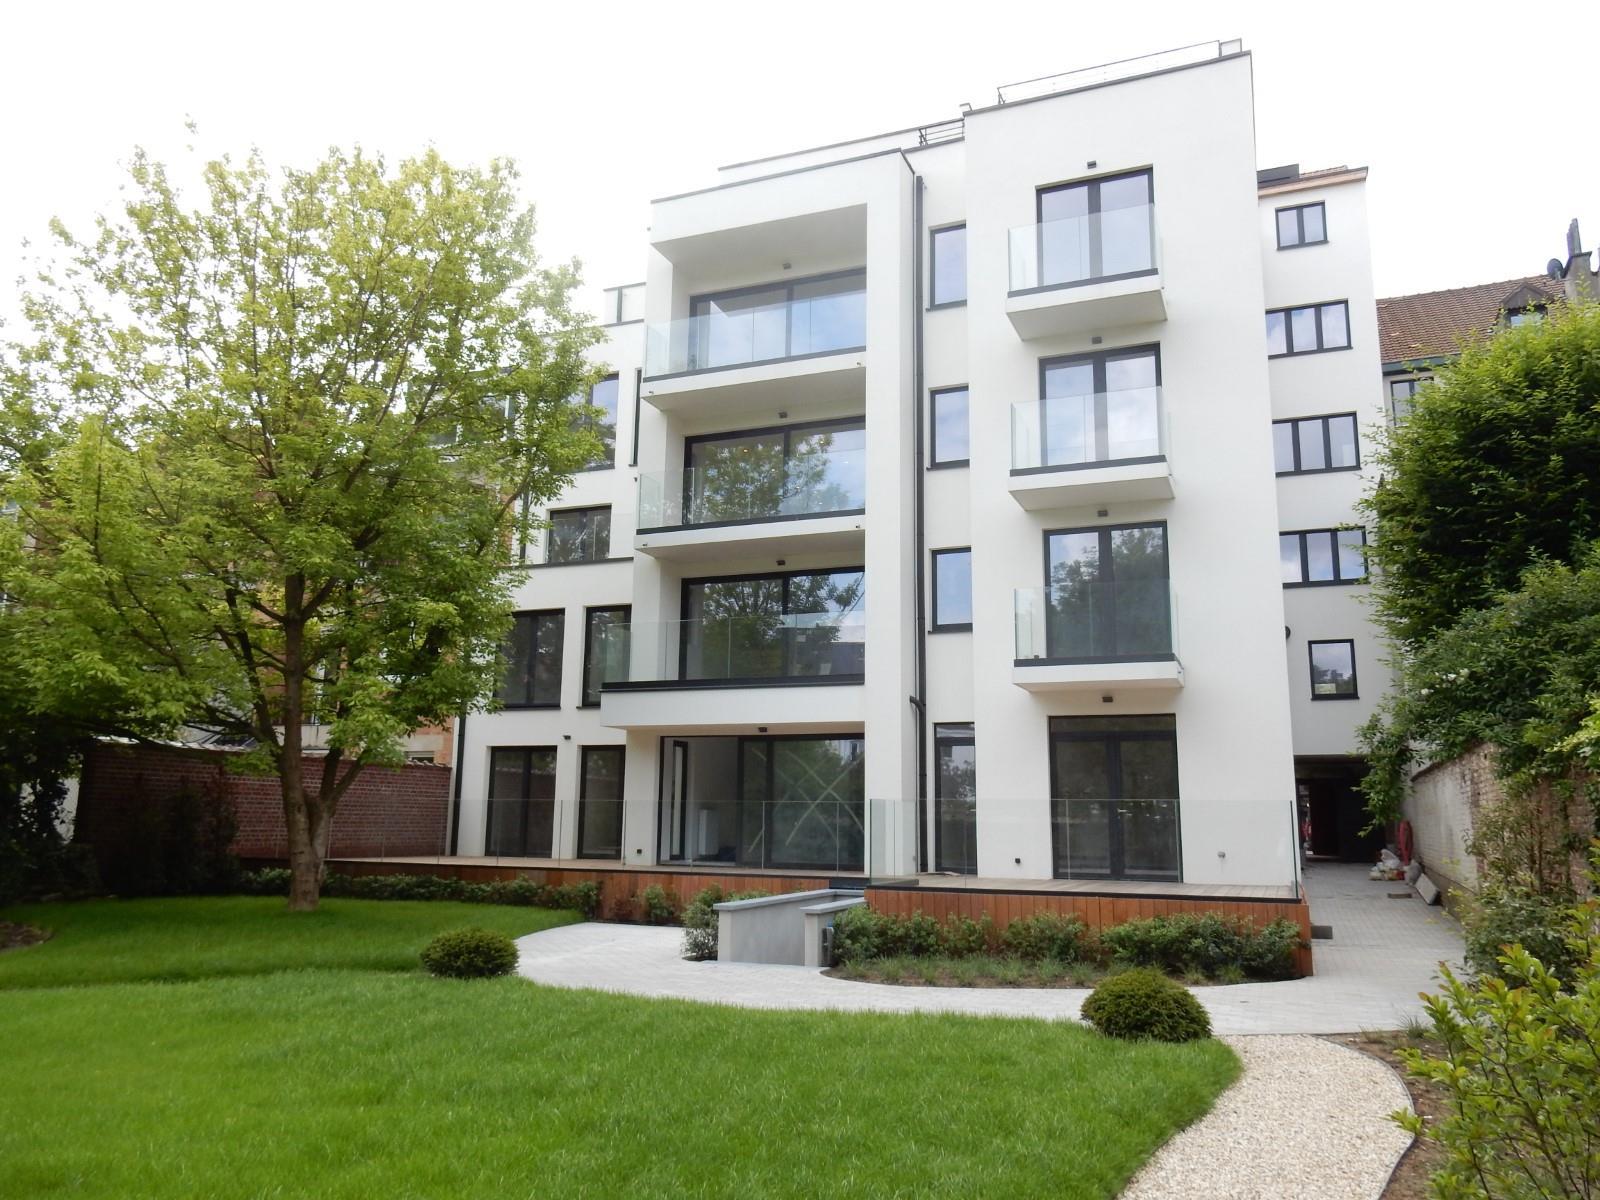 Appartement exceptionnel - Ixelles - #3929578-11